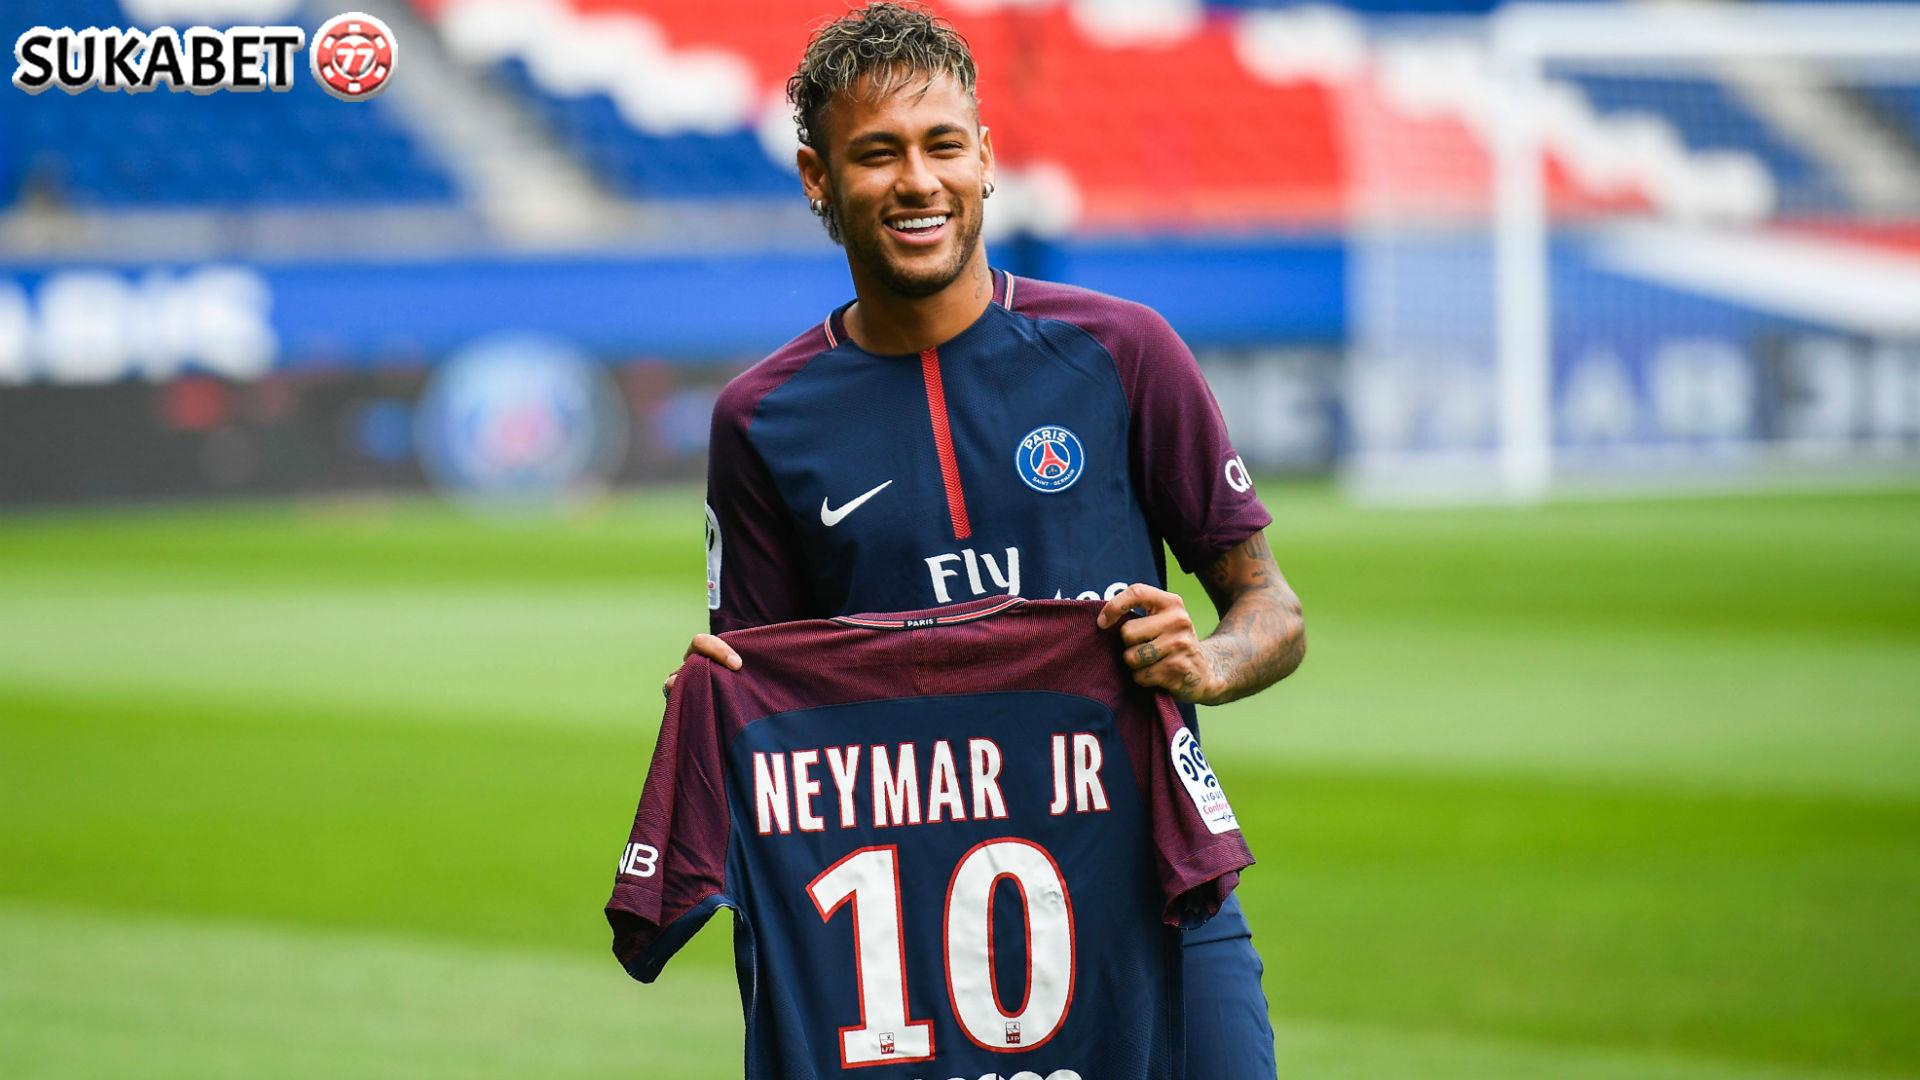 Jersey Baru Neymar Sudah Terjual Rp 15,6 Miliar di Hari Pertama